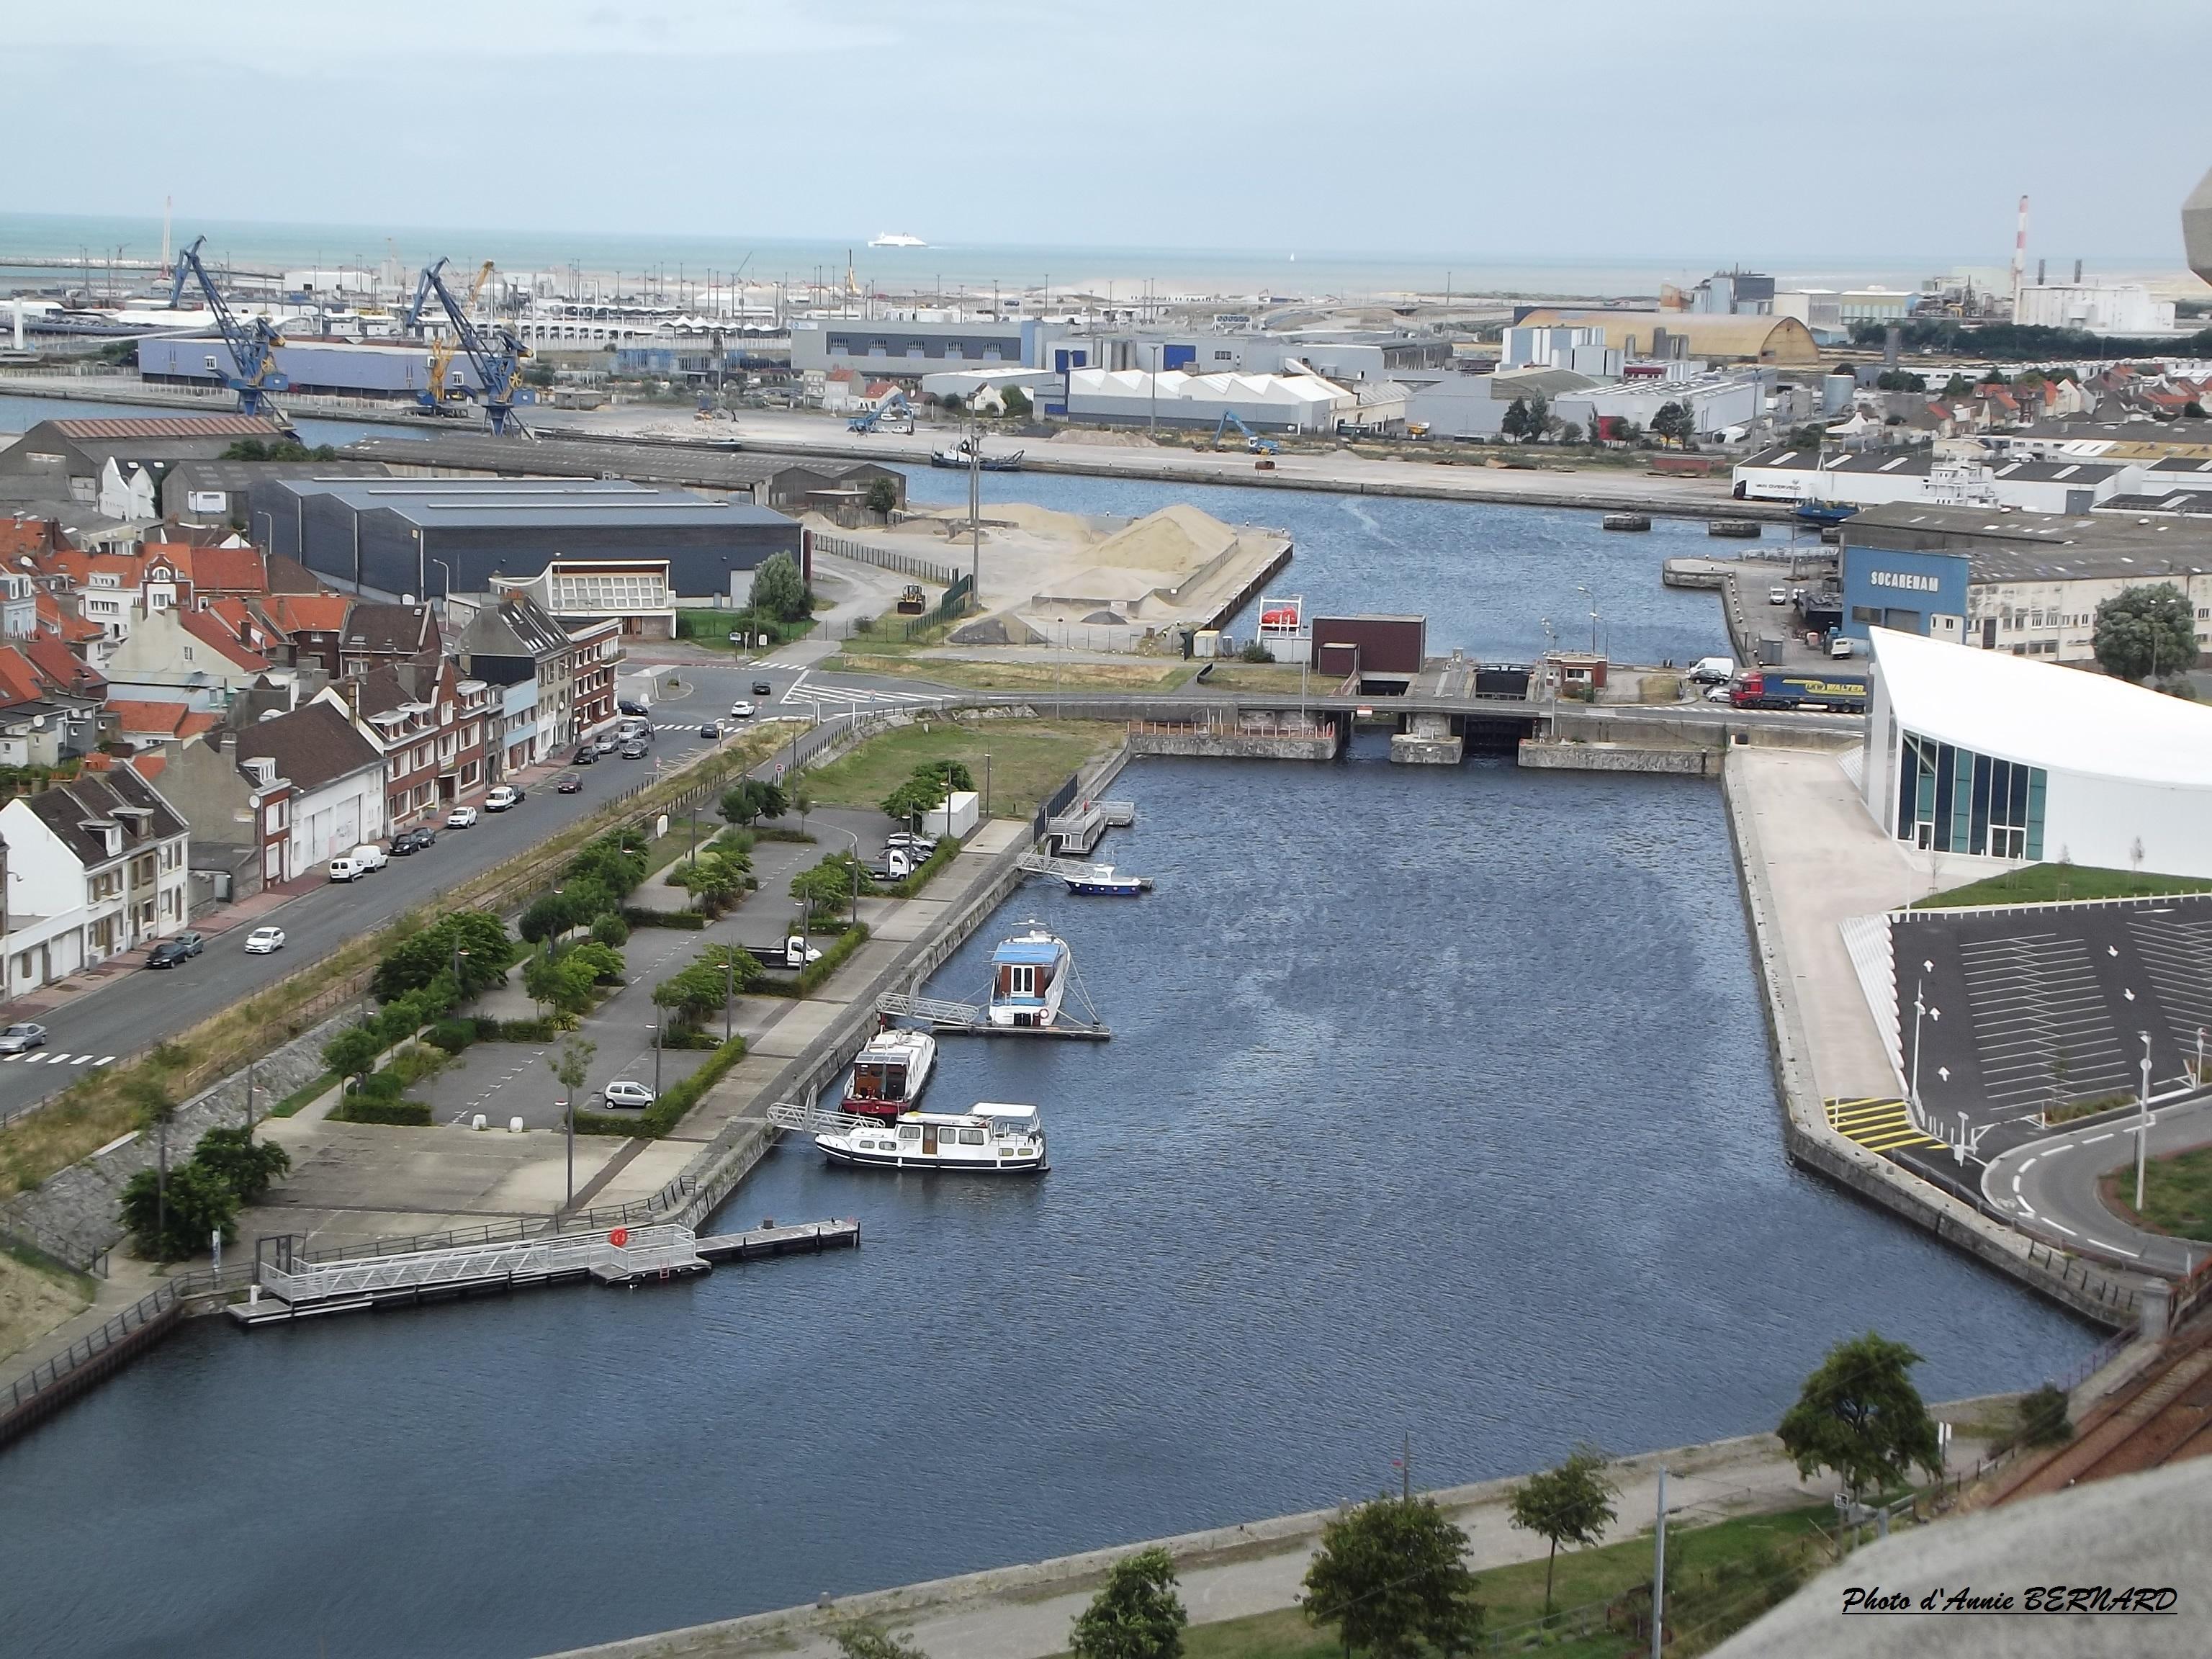 Vue sur le quai de la Meuse et le port